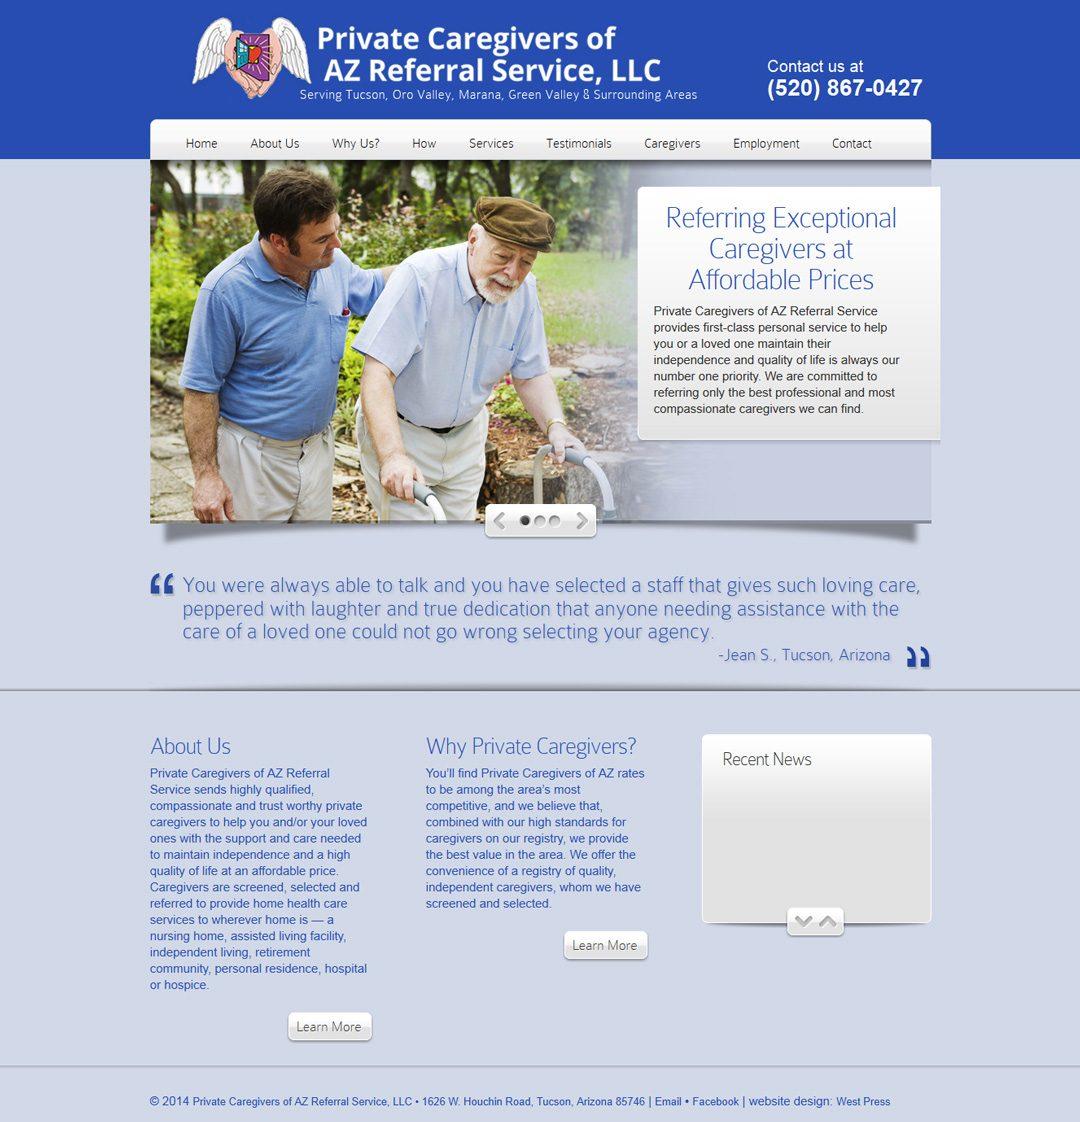 Private Caregivers of AZ website